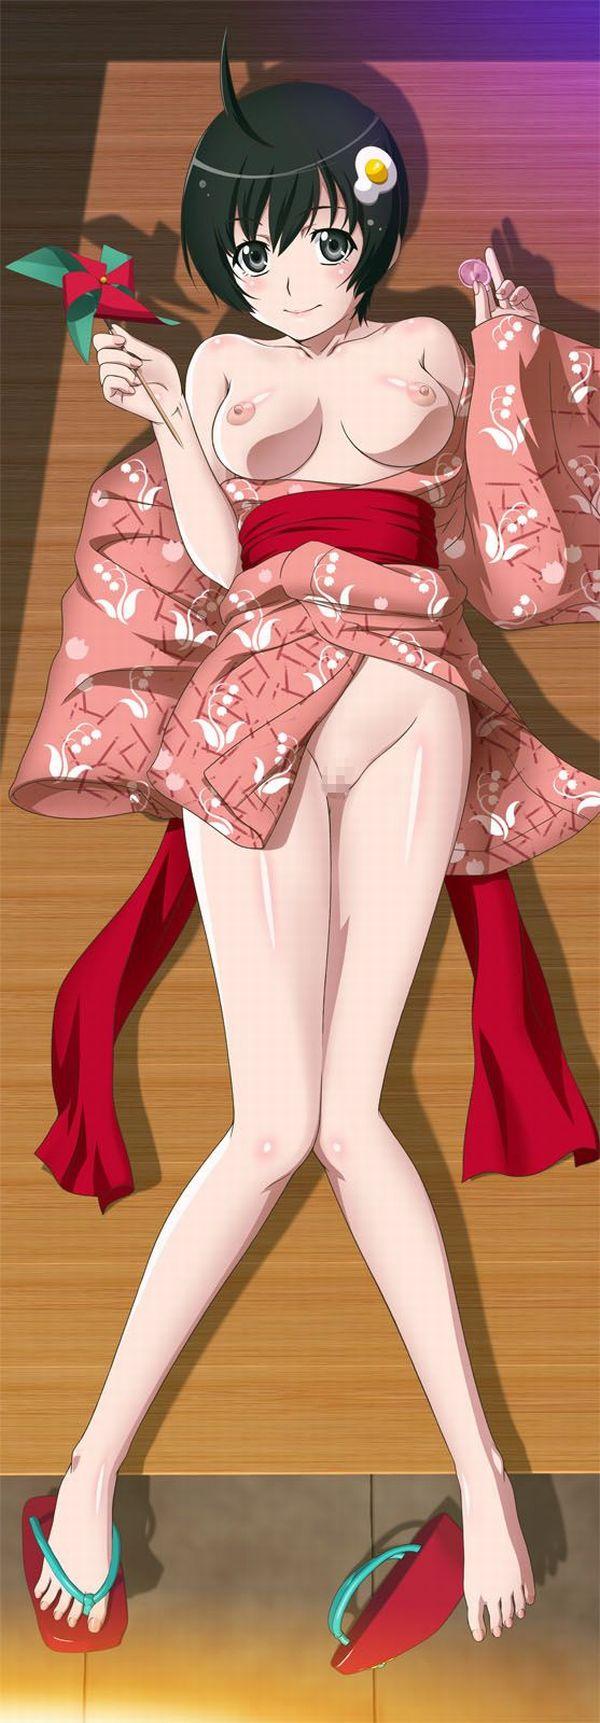 2016/04/22/b【化物語】阿良々木月火ちゃんの二次エロ画像 【9】